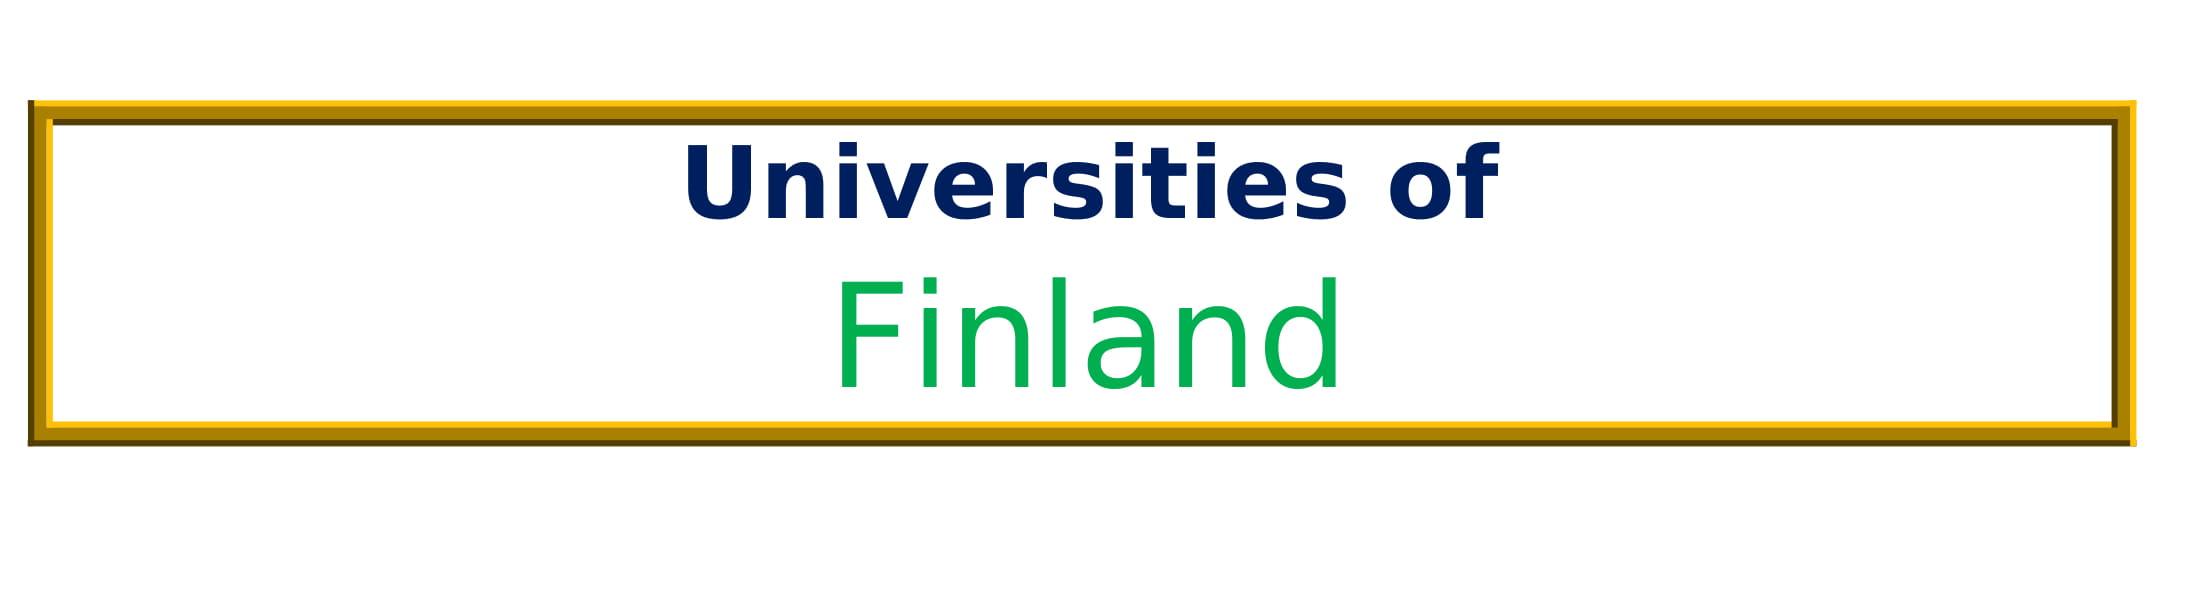 List of Universities in Finland